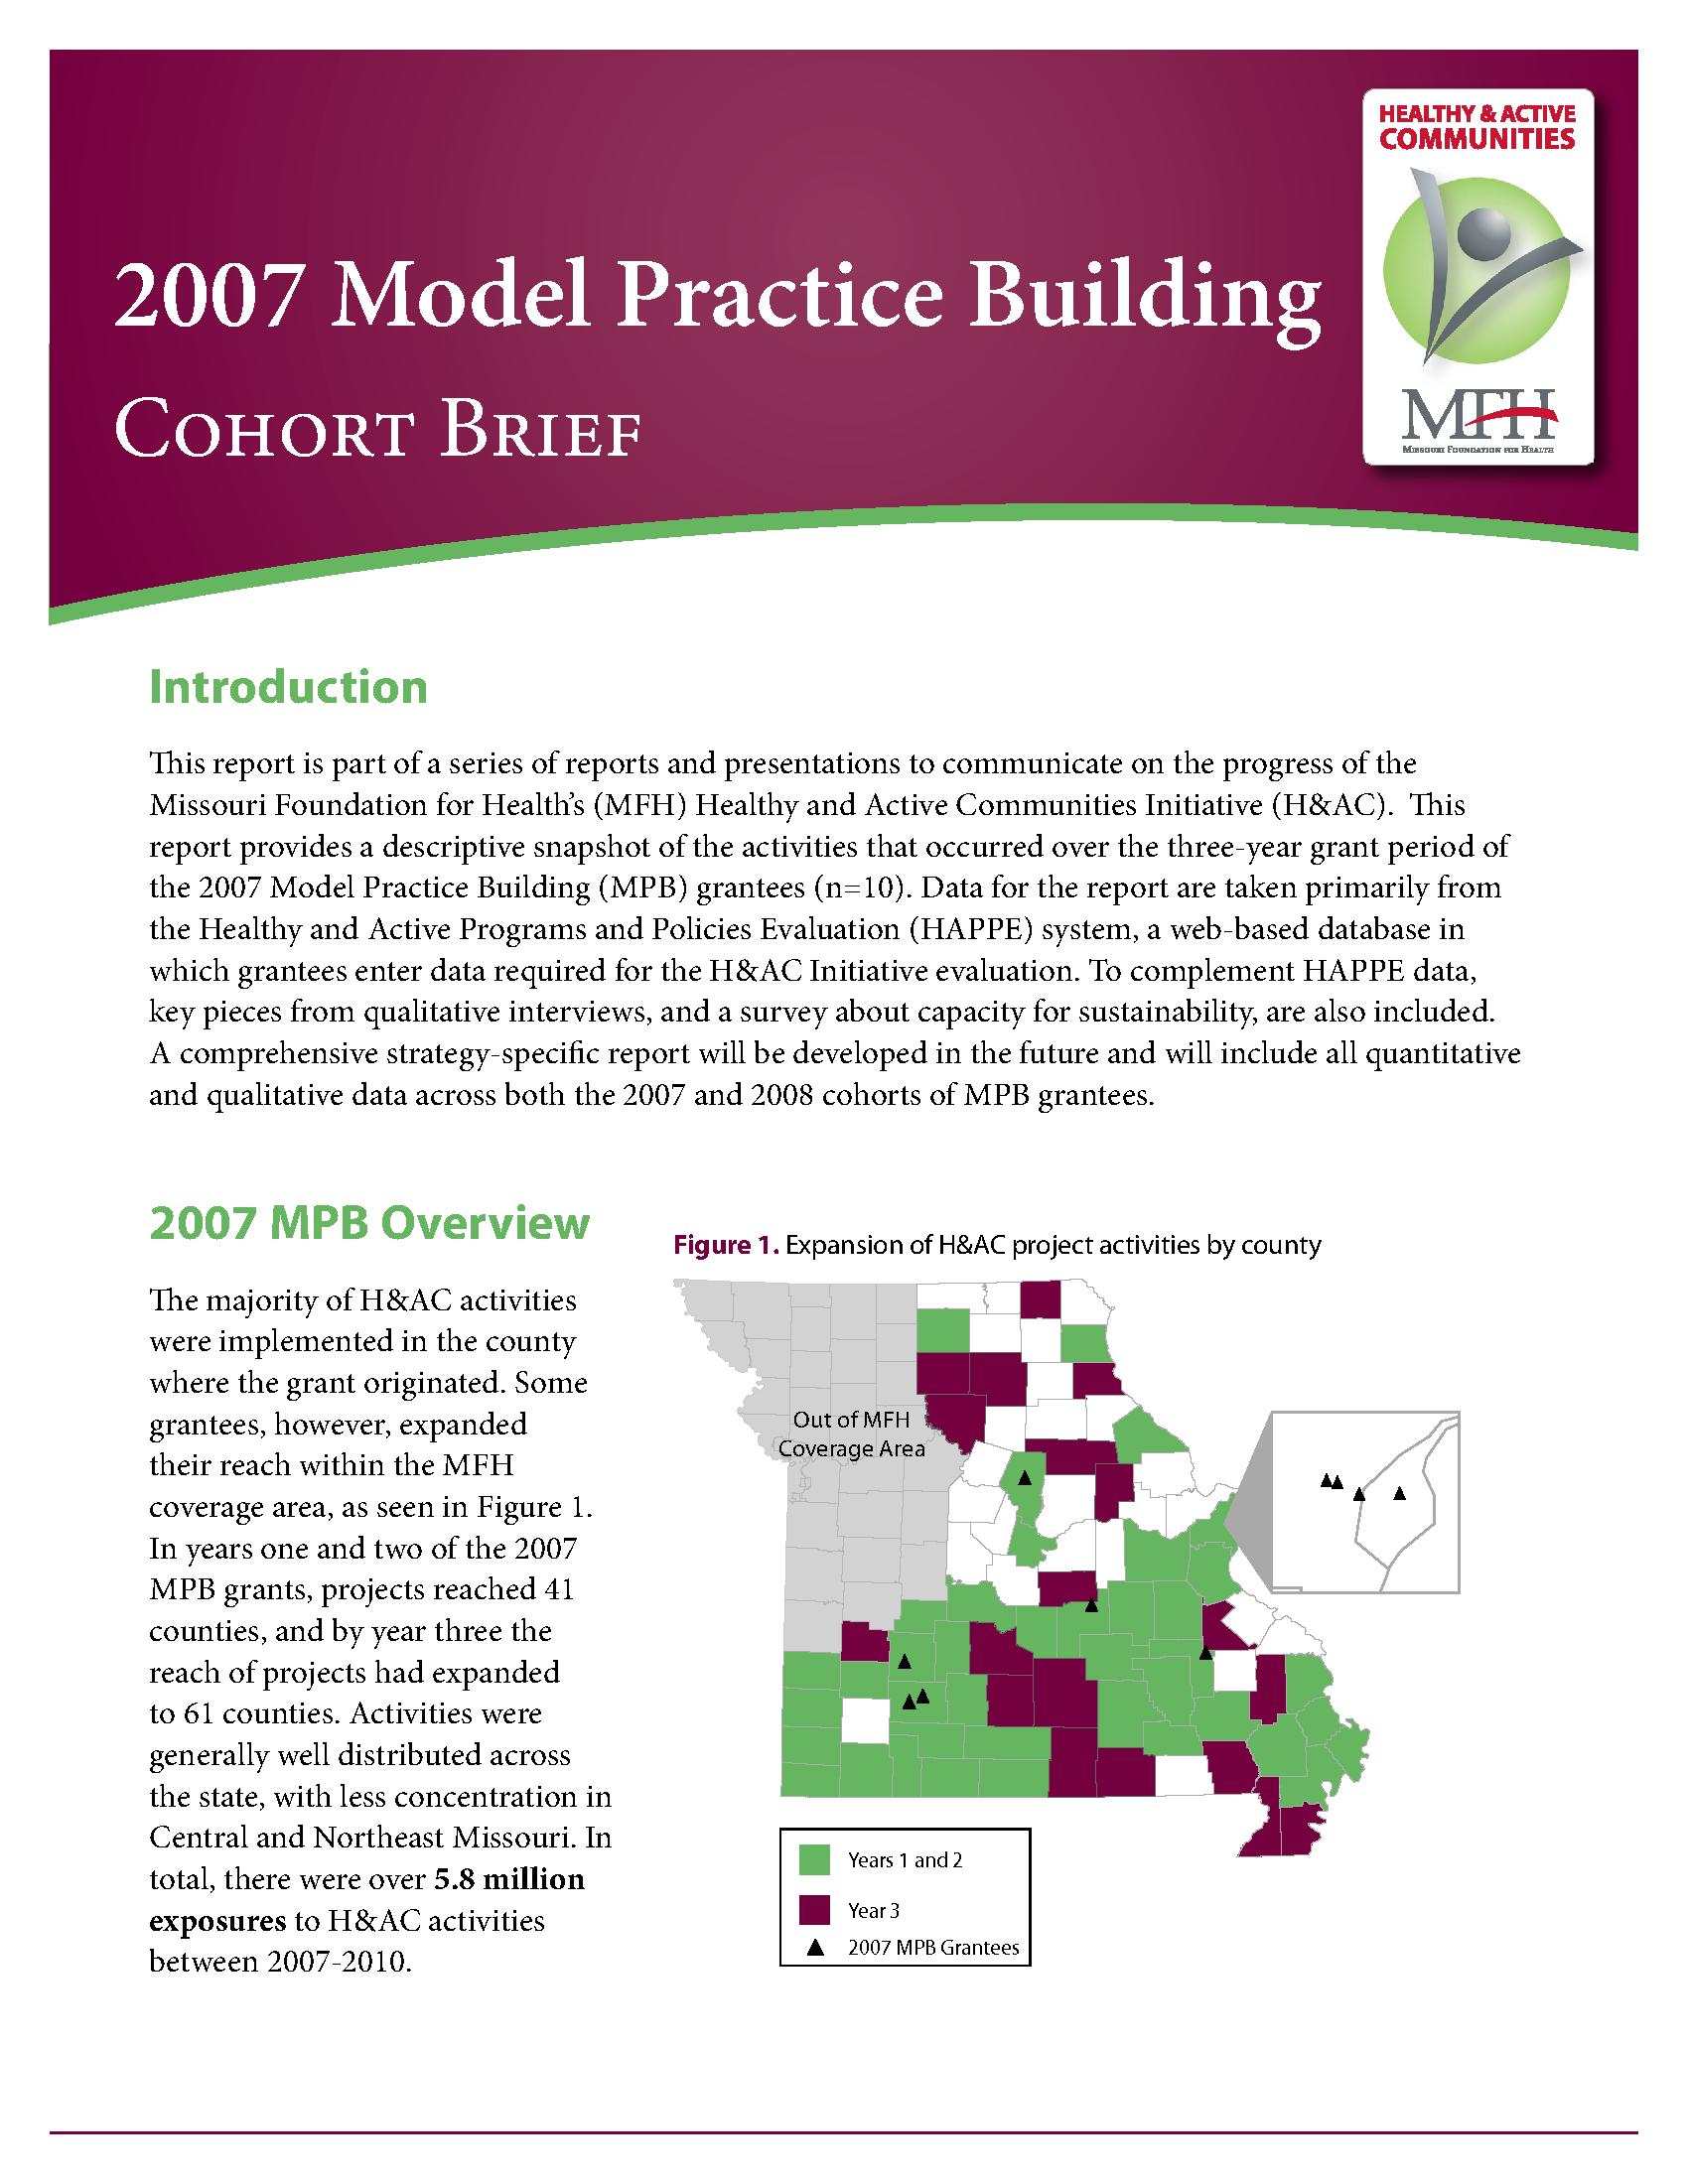 Healthy & Active Communities Model Practice Building Evaluation Report 2007